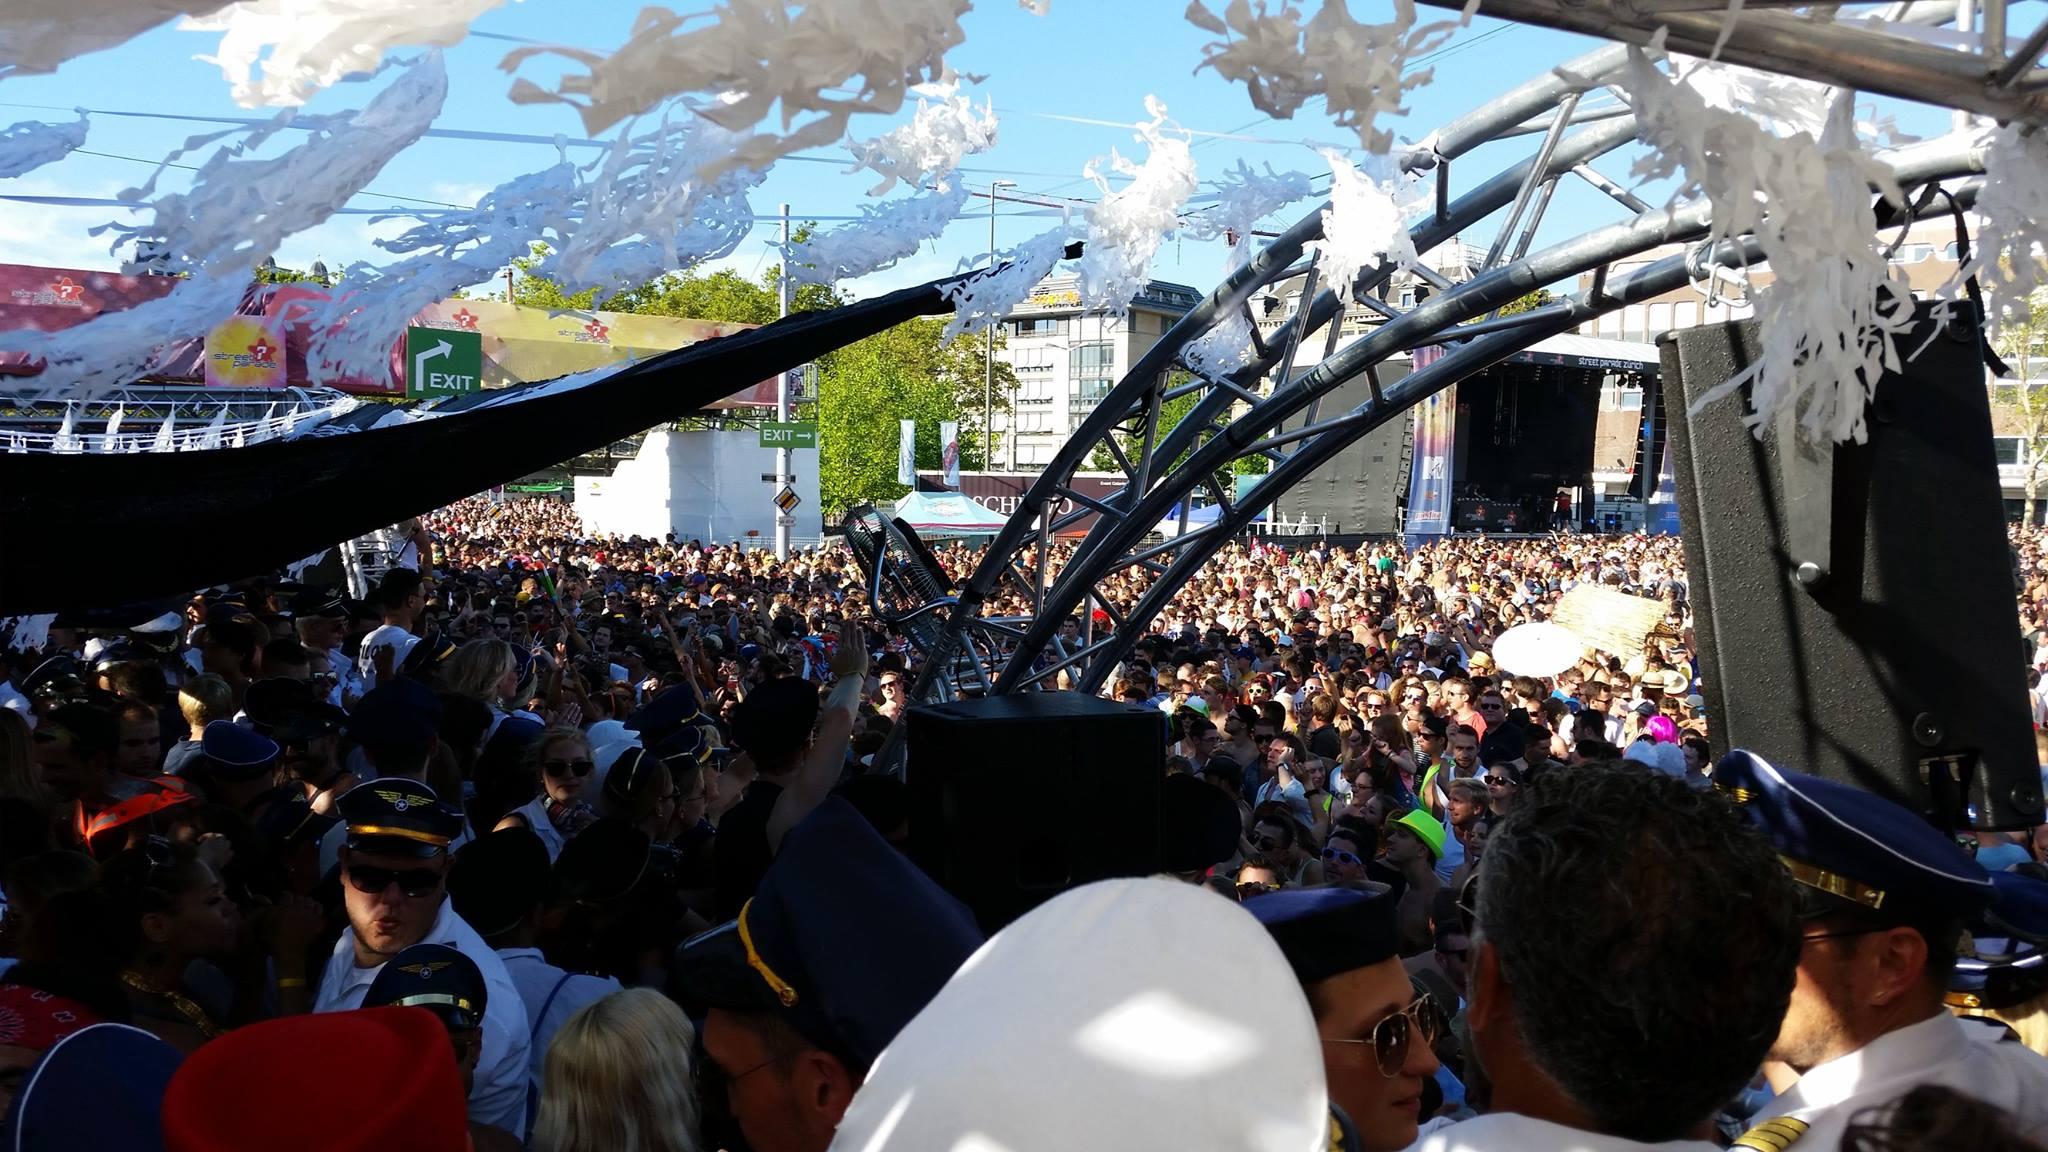 Das war die Street Parade 2015 – die weltgrößte Techno-Veranstaltung im Rückblick